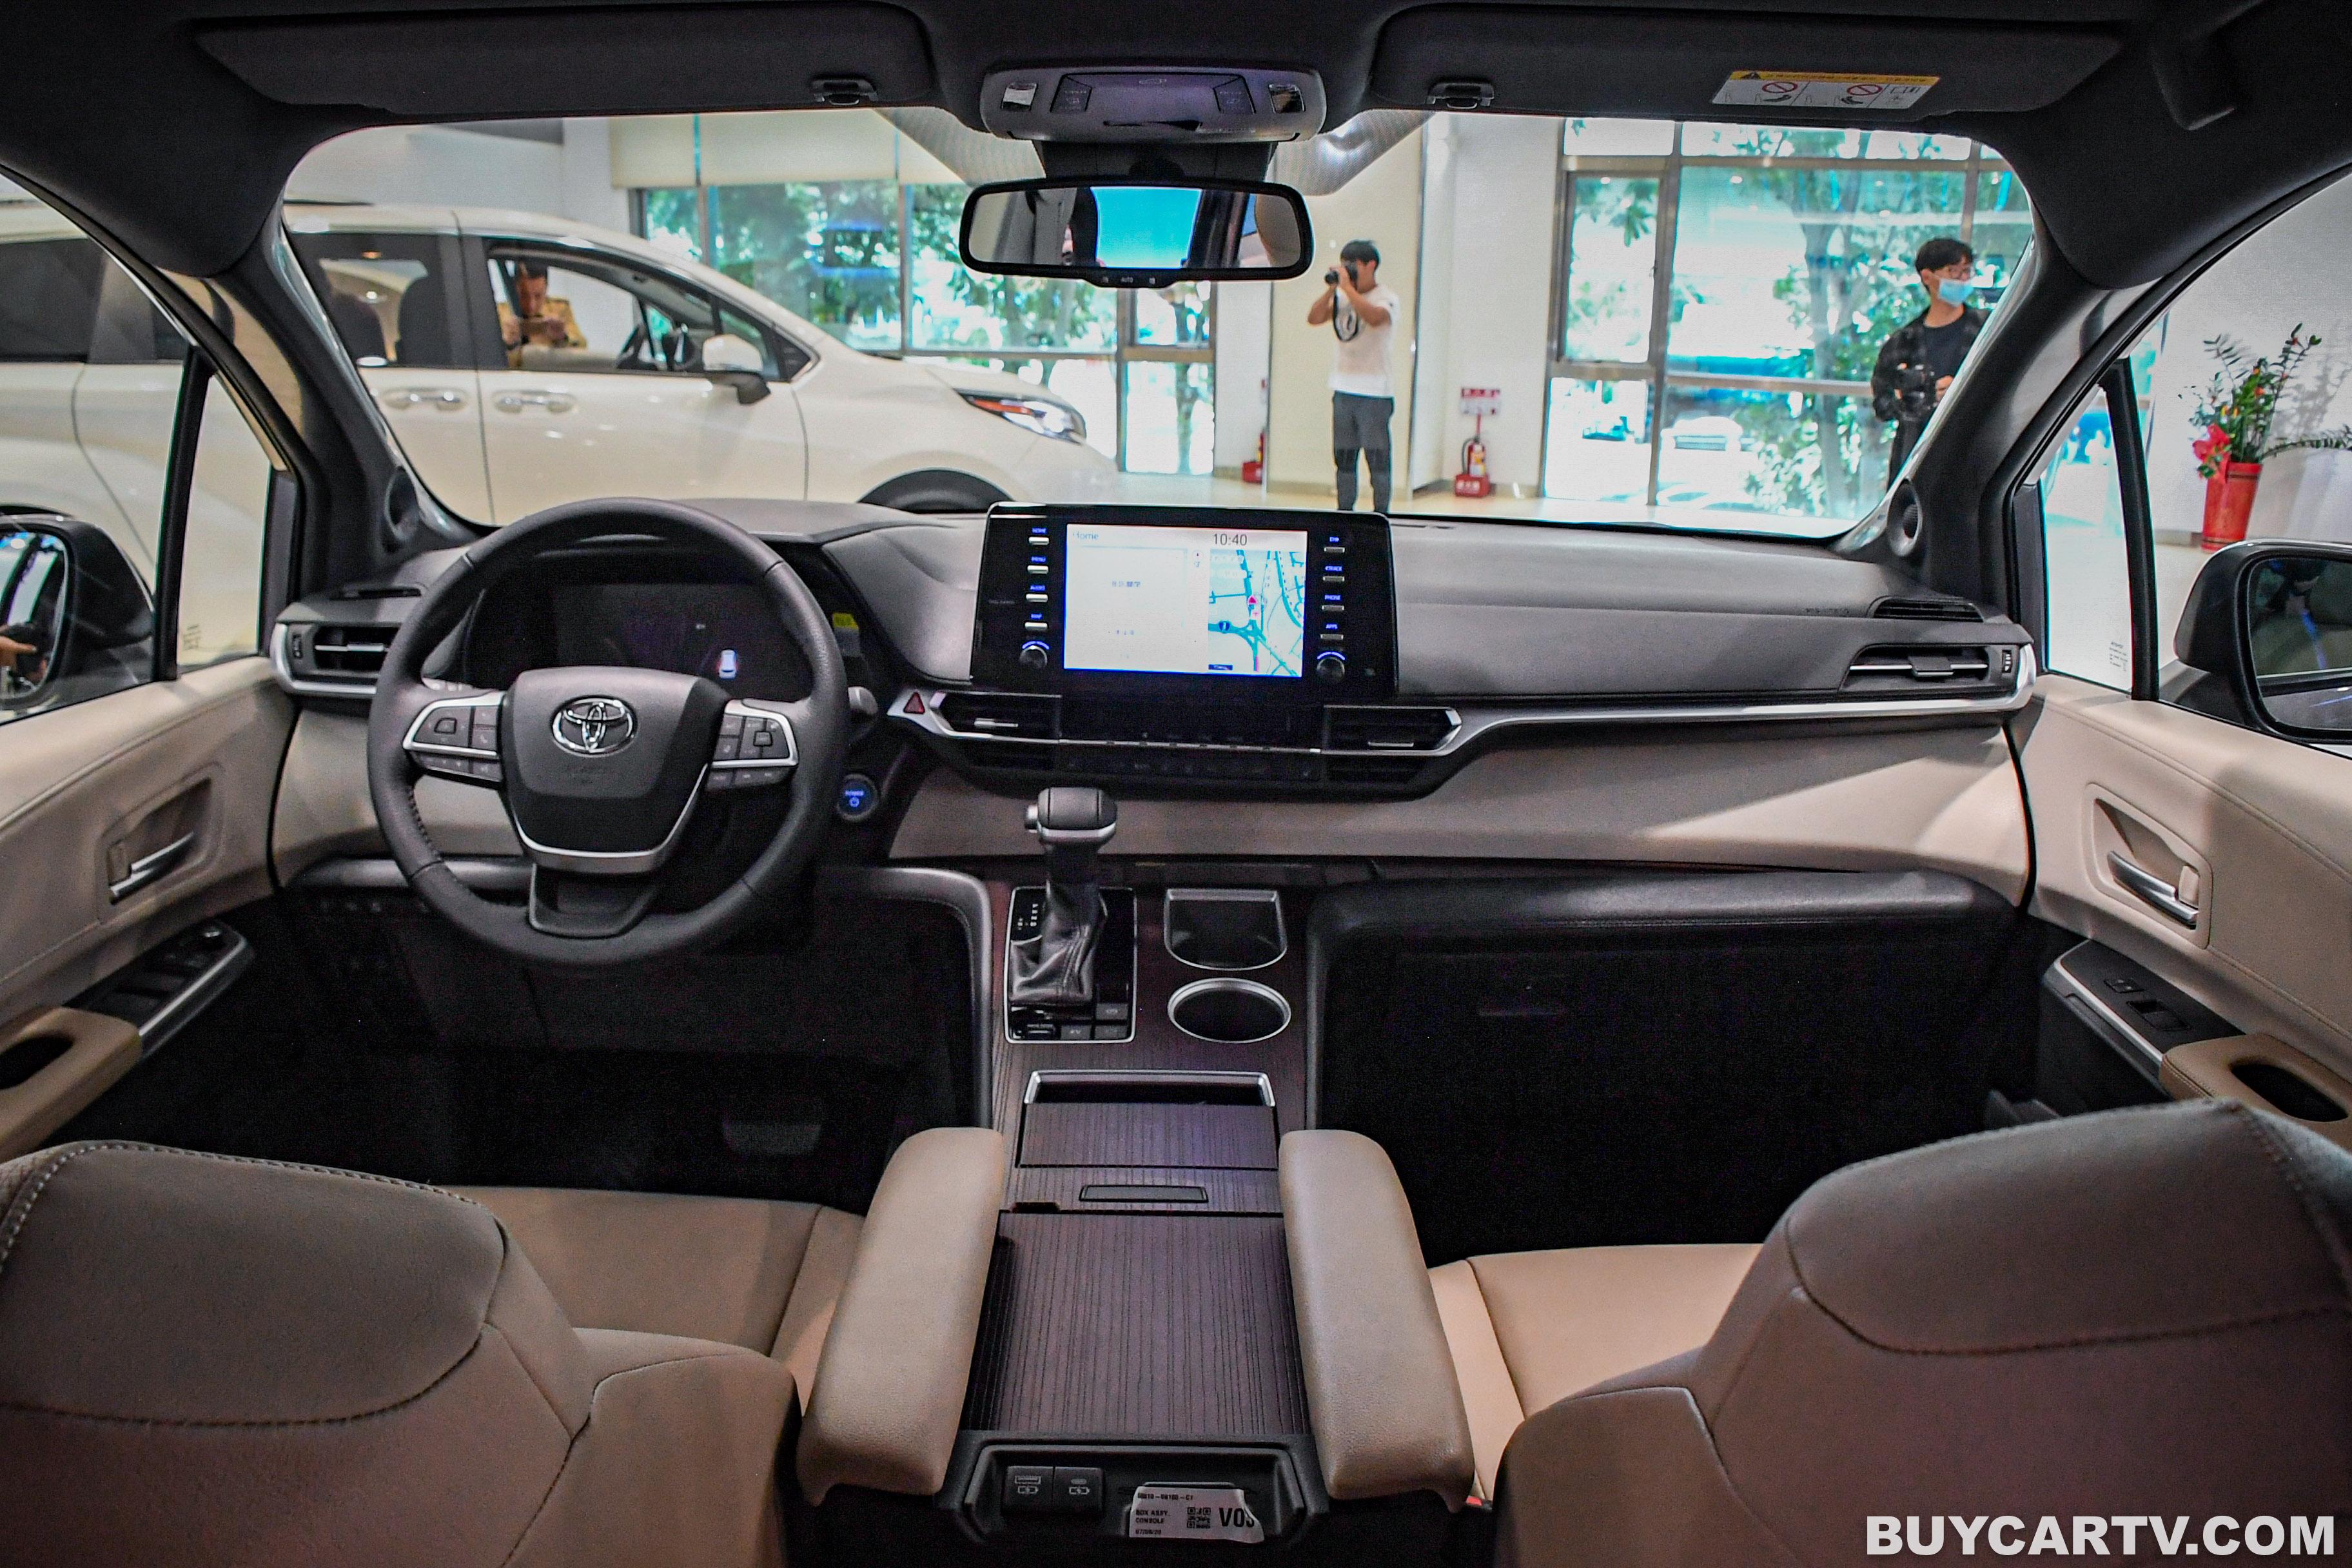 滿載七人都安全!正七座豪華MPV改款登場 Toyota SIENNA|媒體御賞